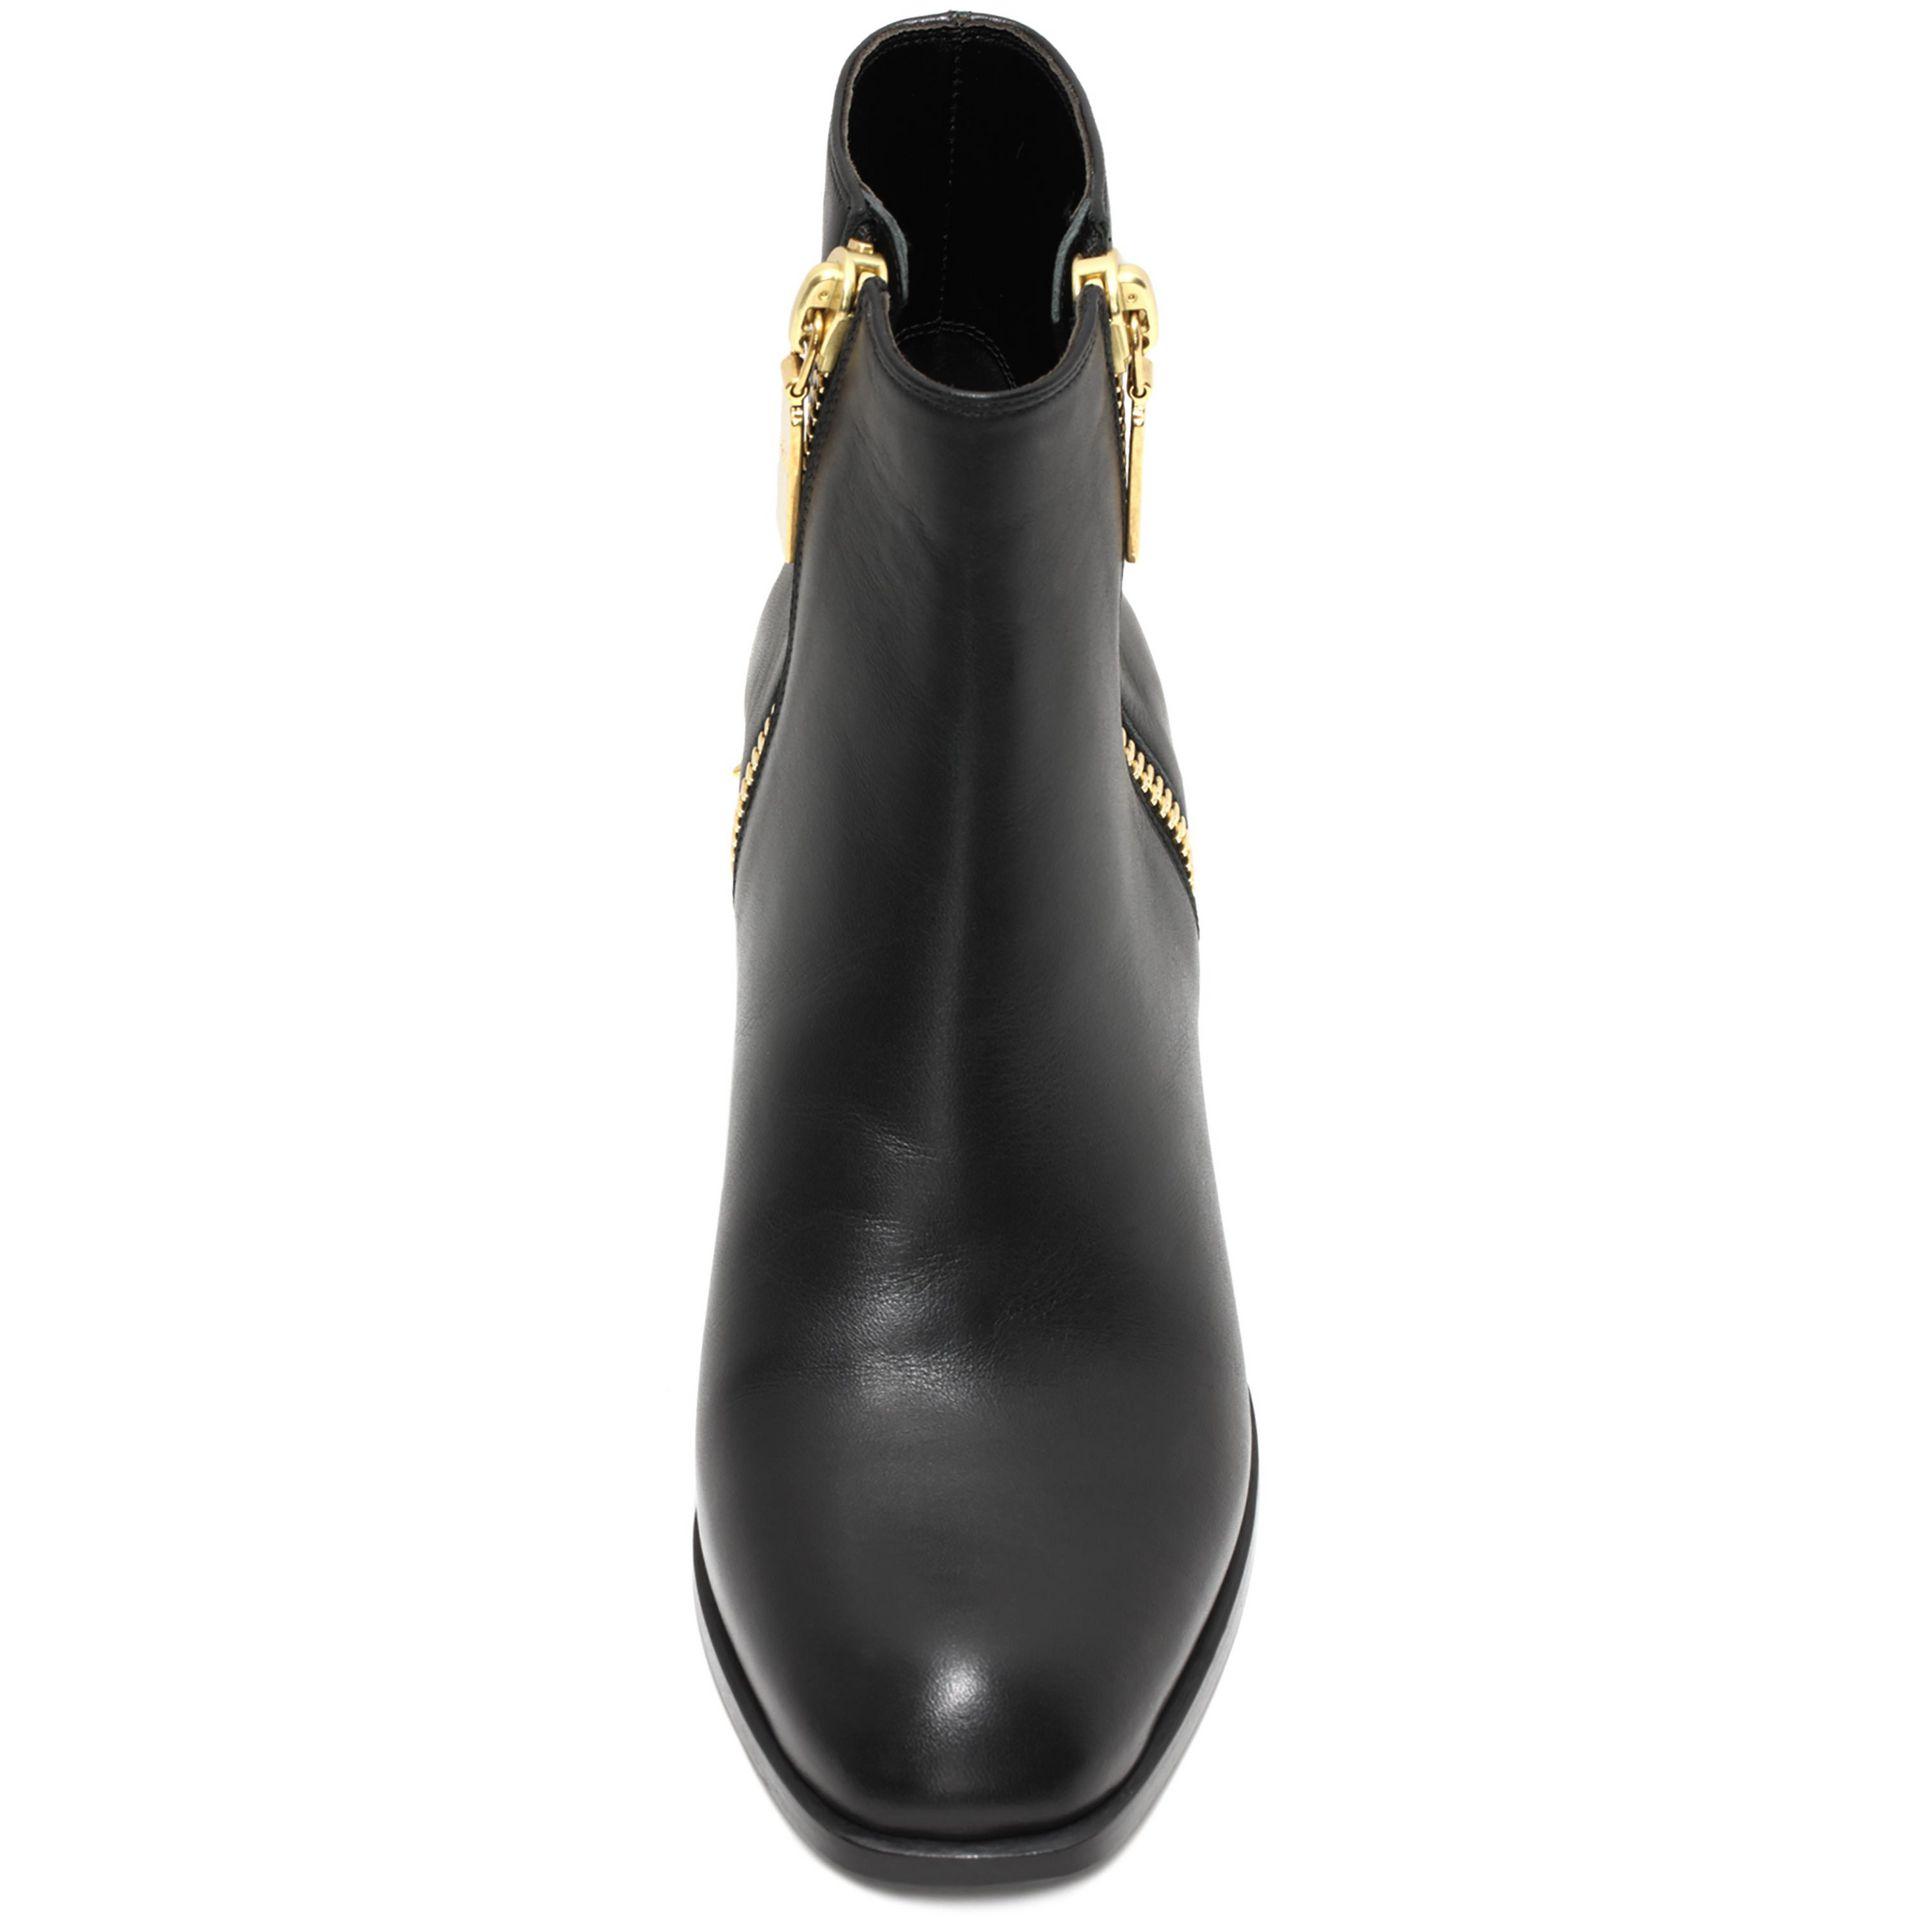 Alexander McQueen Metal Counter Ankle Boot in Black